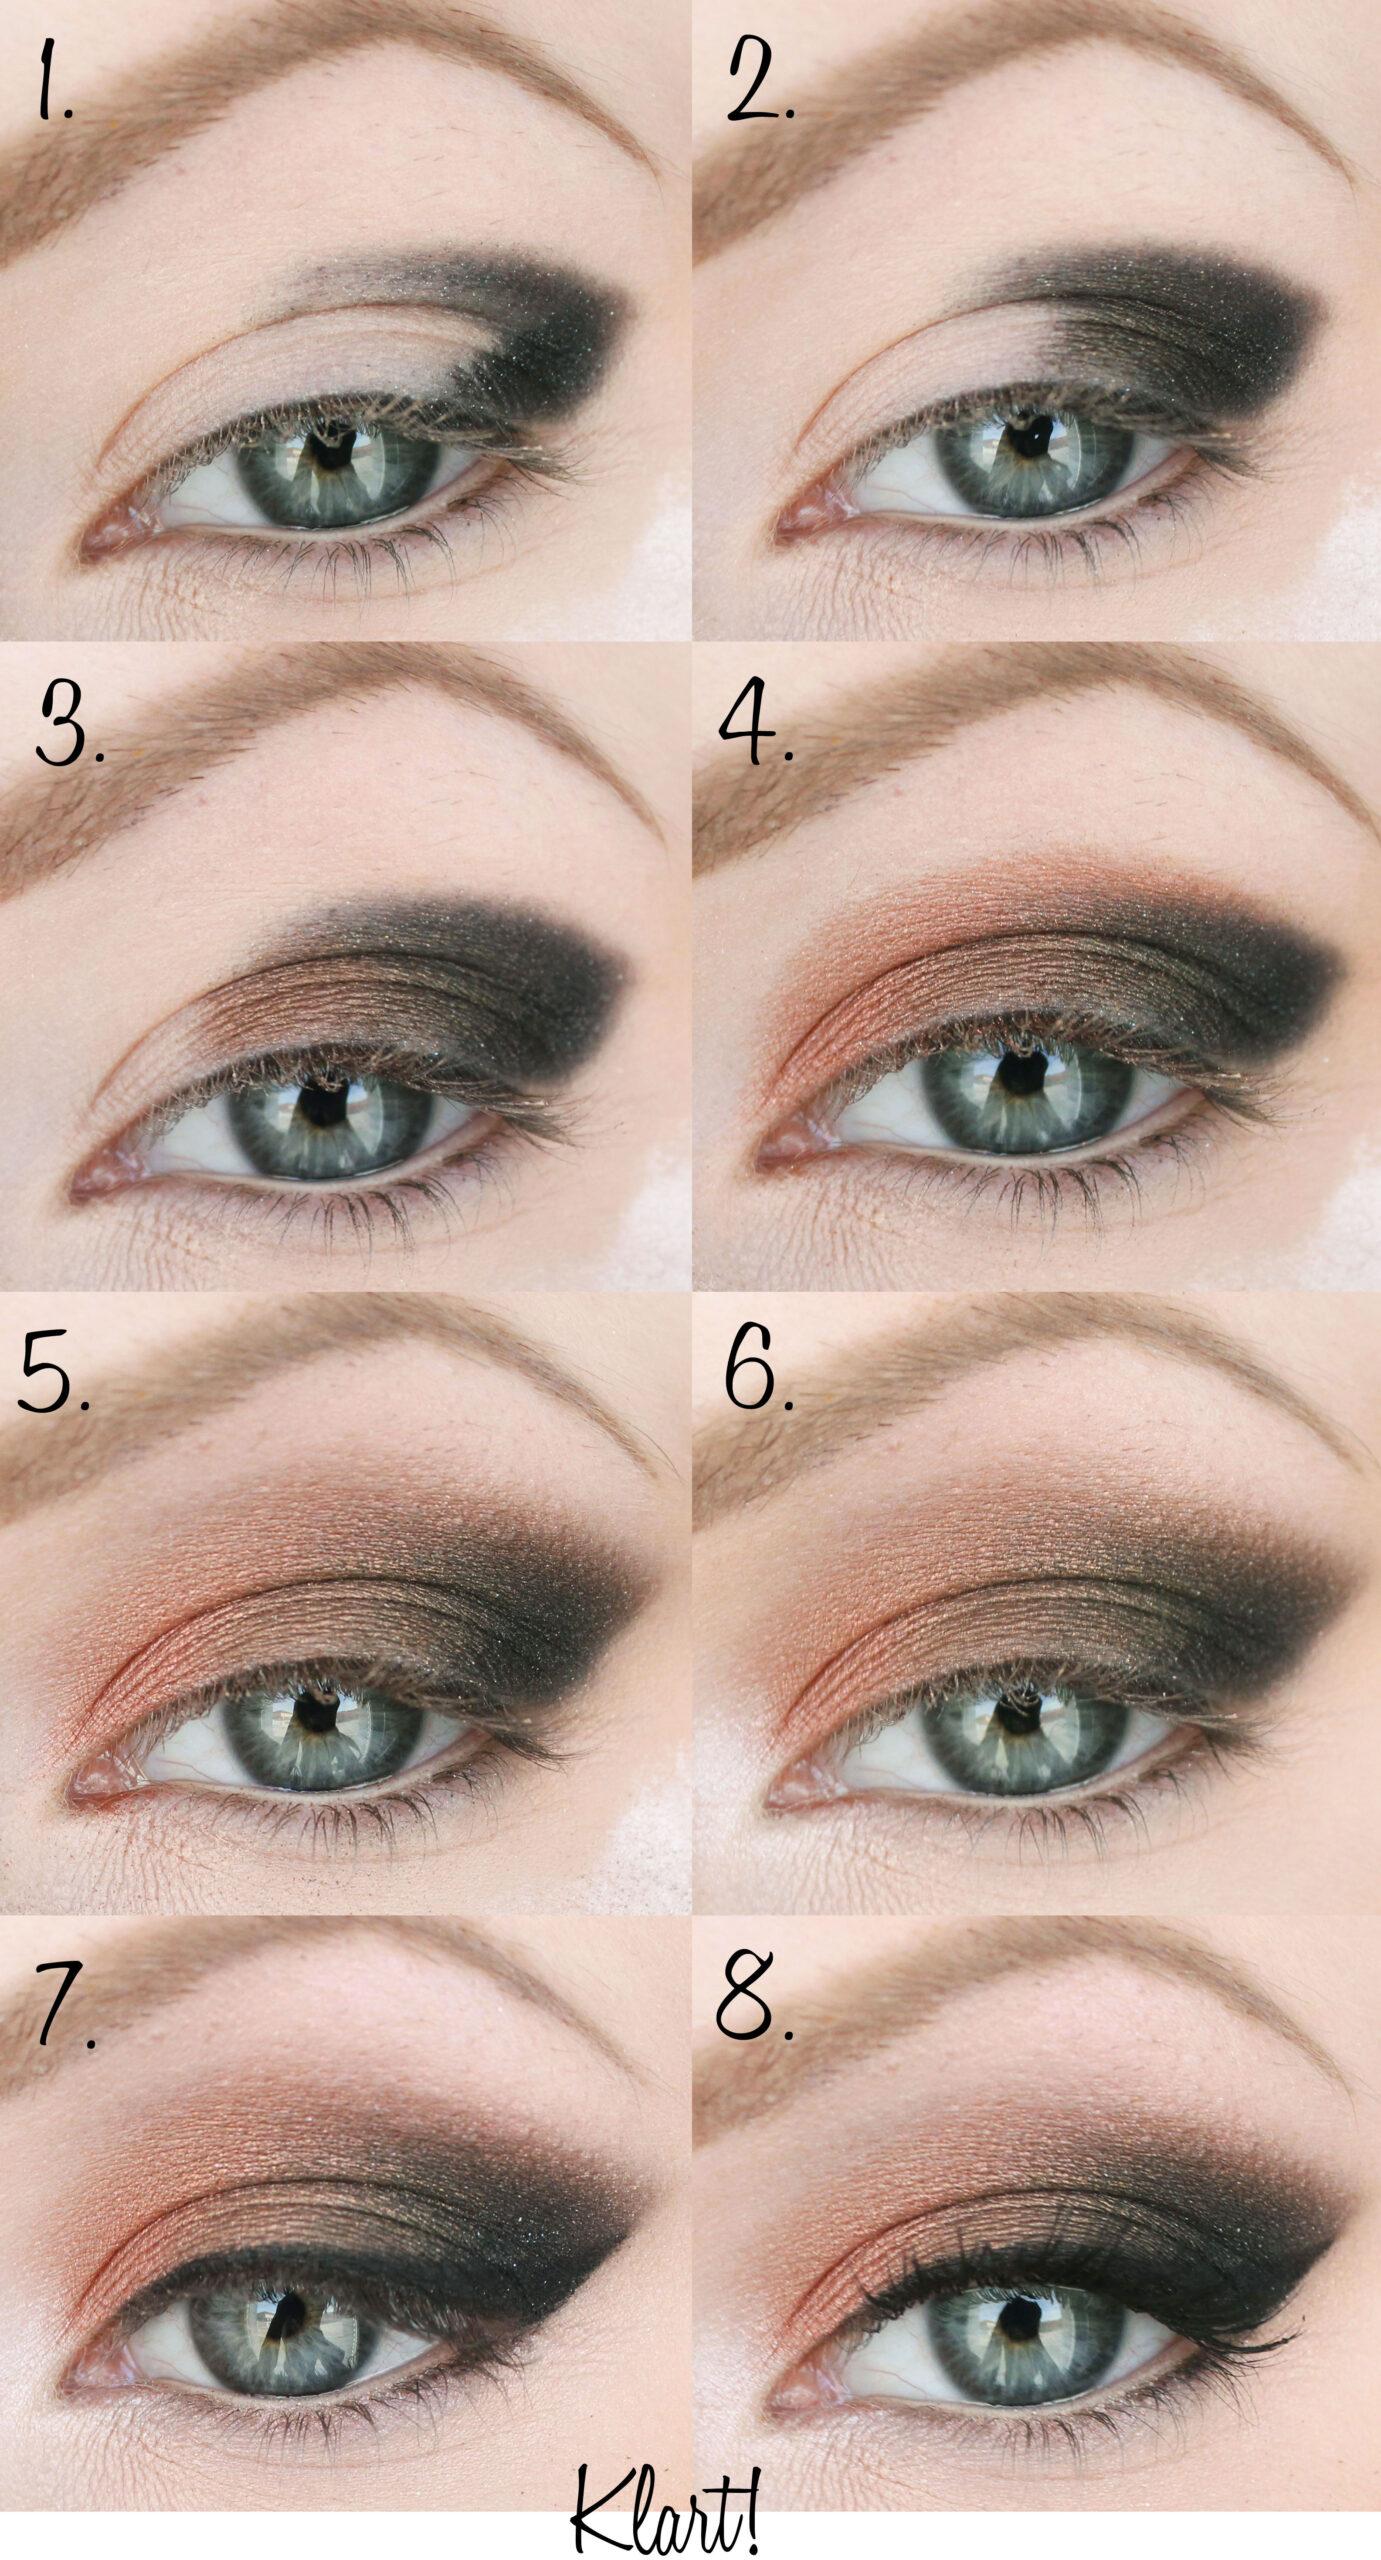 ögonskugga-sminkning-steg-för-steg